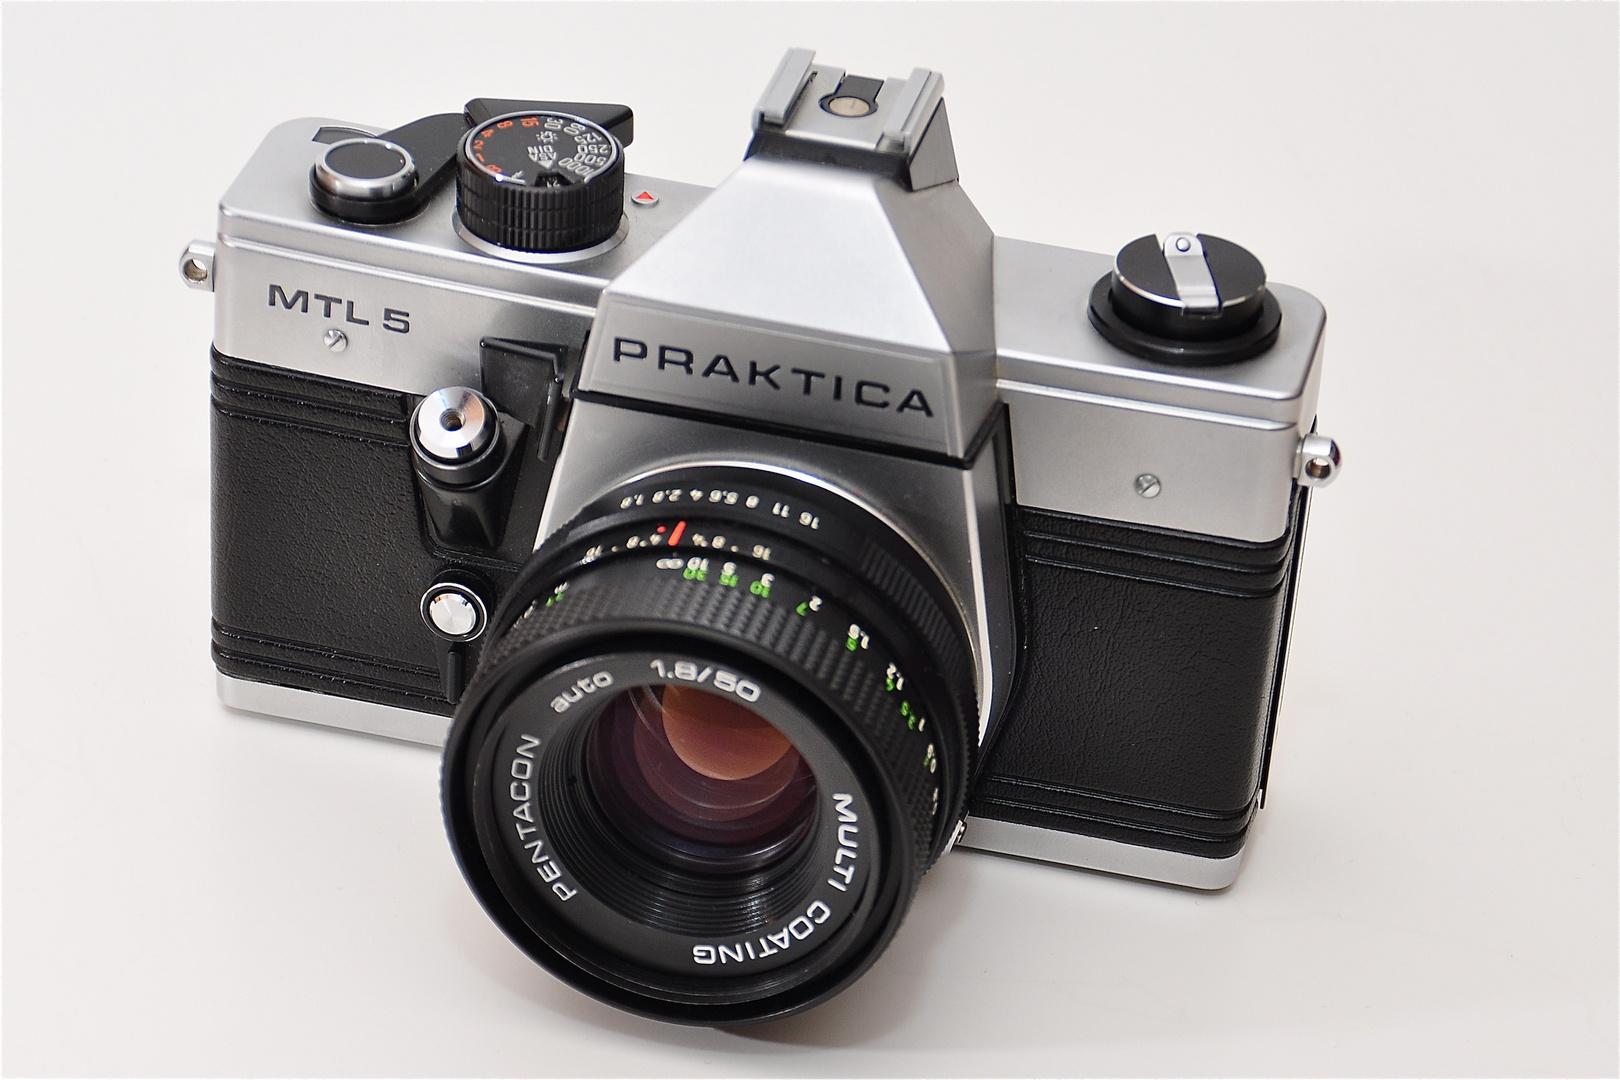 Praktica mtl5 foto & bild industrie und technik historische